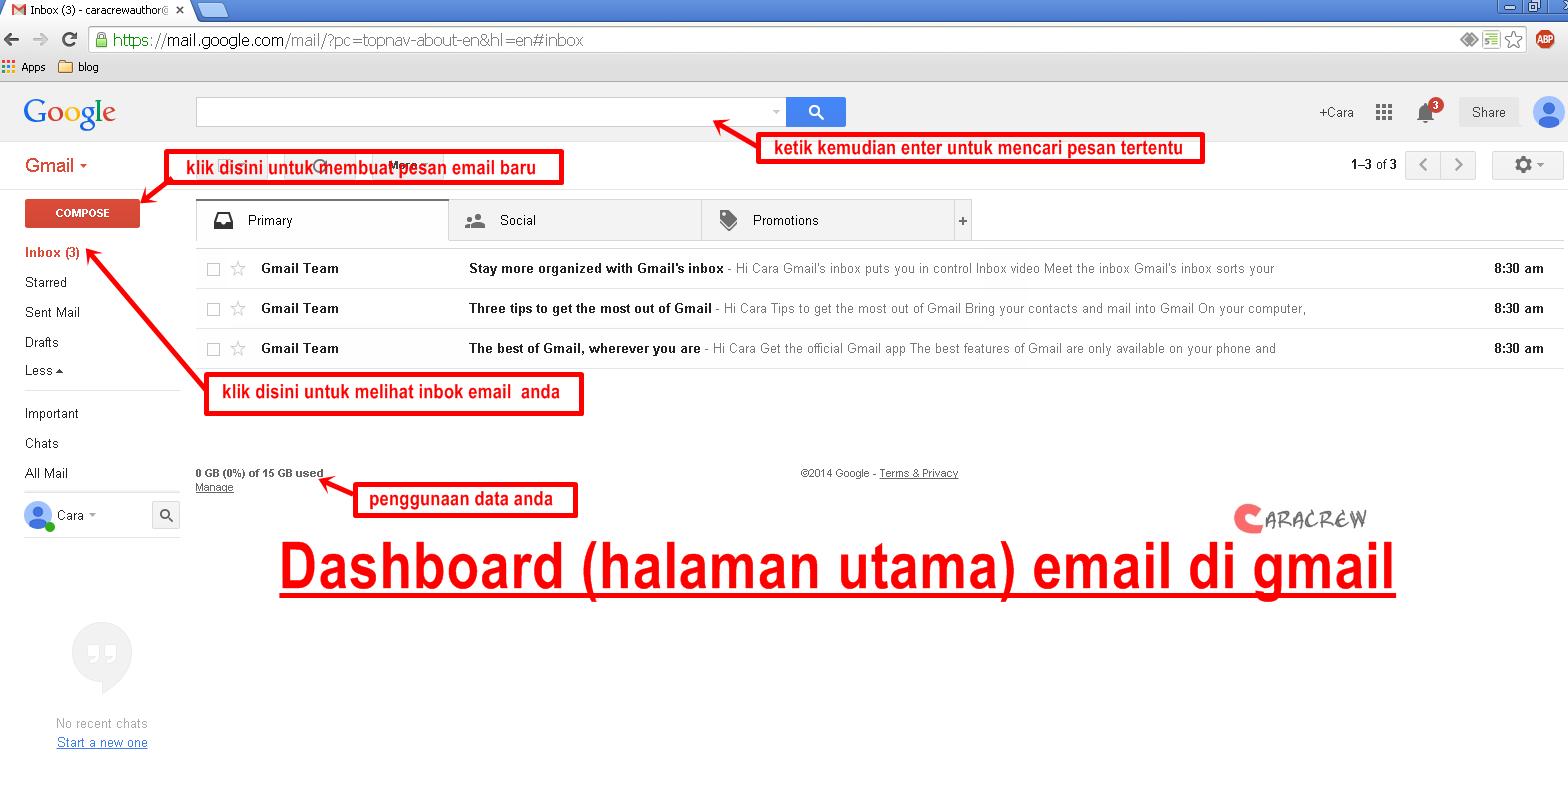 halaman utama akun gmail